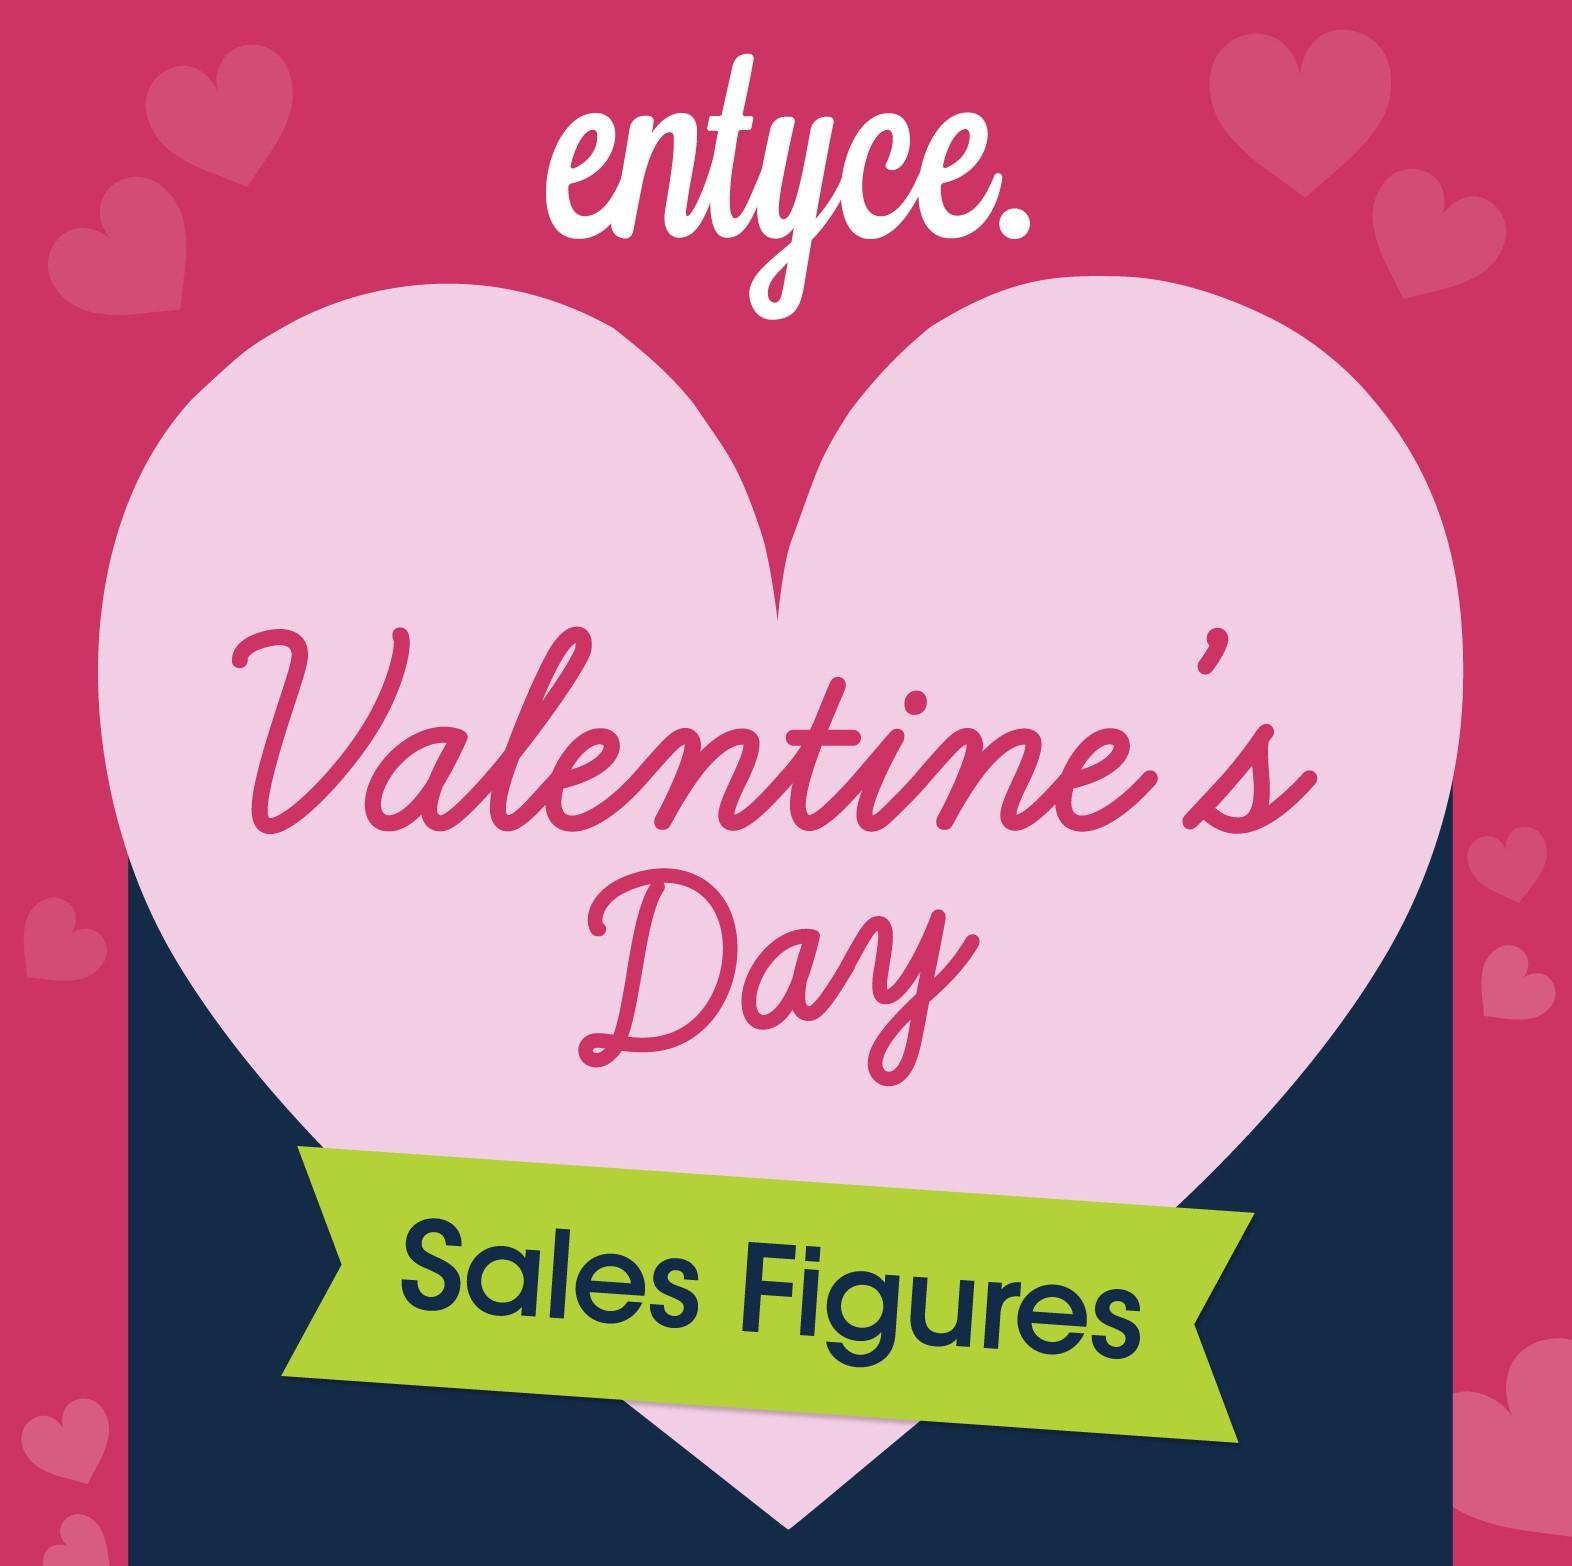 Valentines sales figures